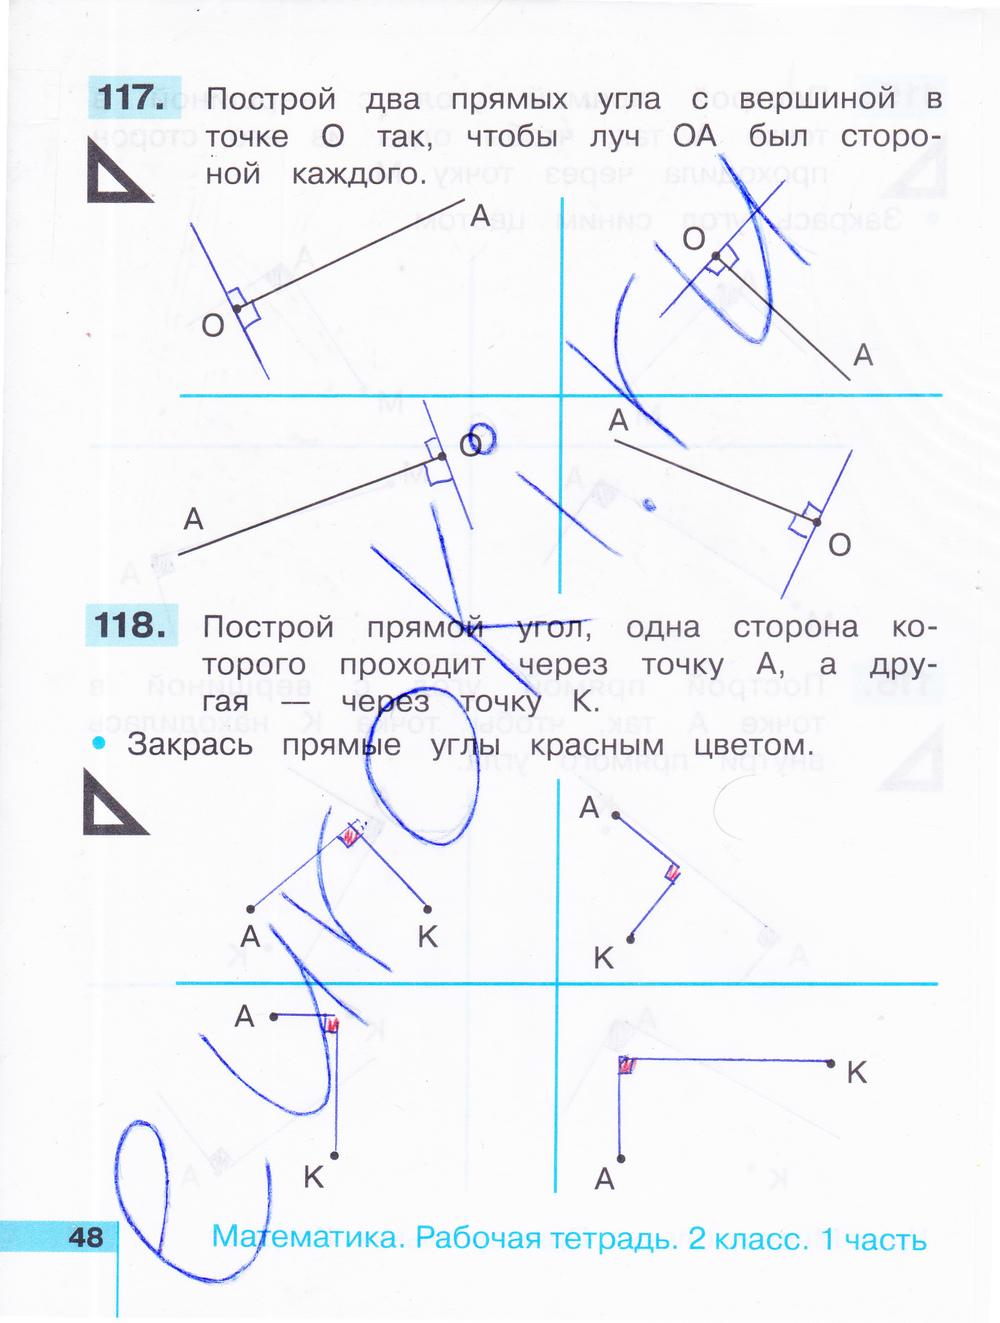 ГДЗ по математике 2 класс рабочая тетрадь Истомина Часть 1, 2. Задание: стр. 48